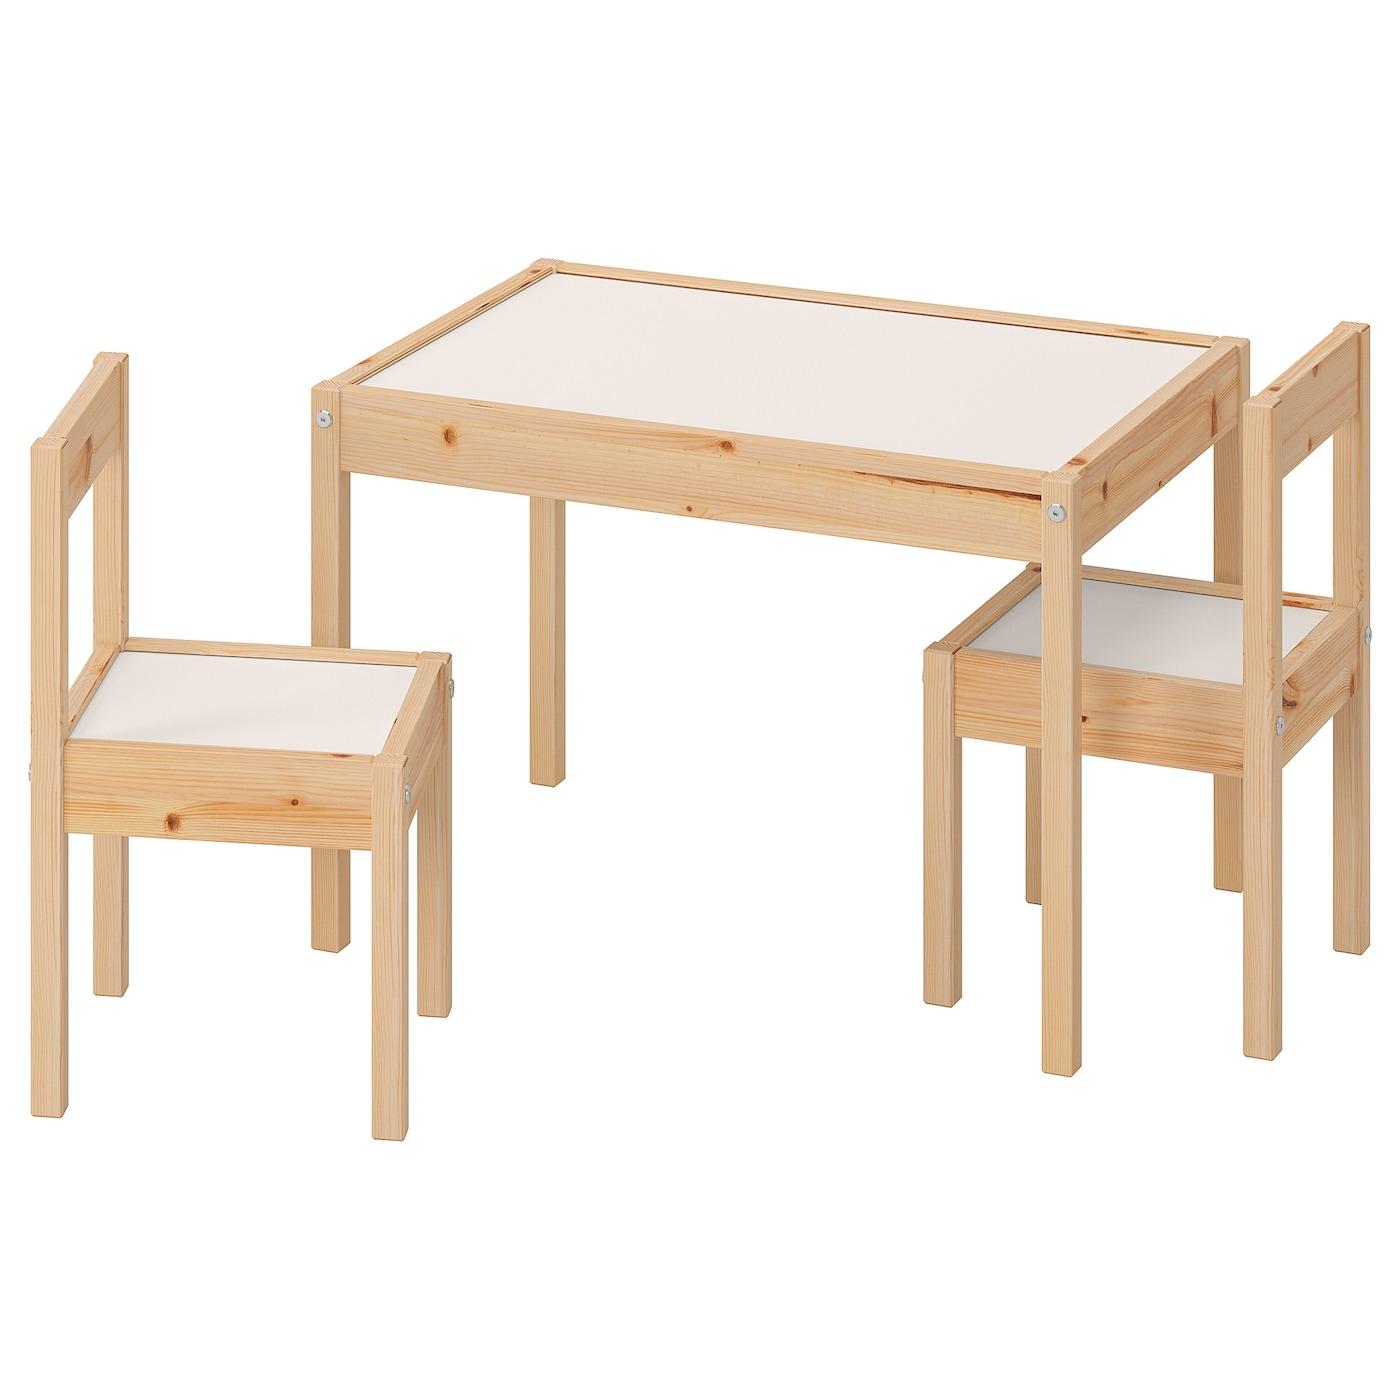 Tavolo In Legno Per Bambini Con Sedie.Latt Tavolo Per Bambini Con 2 Sedie Bianco Pino Ikea